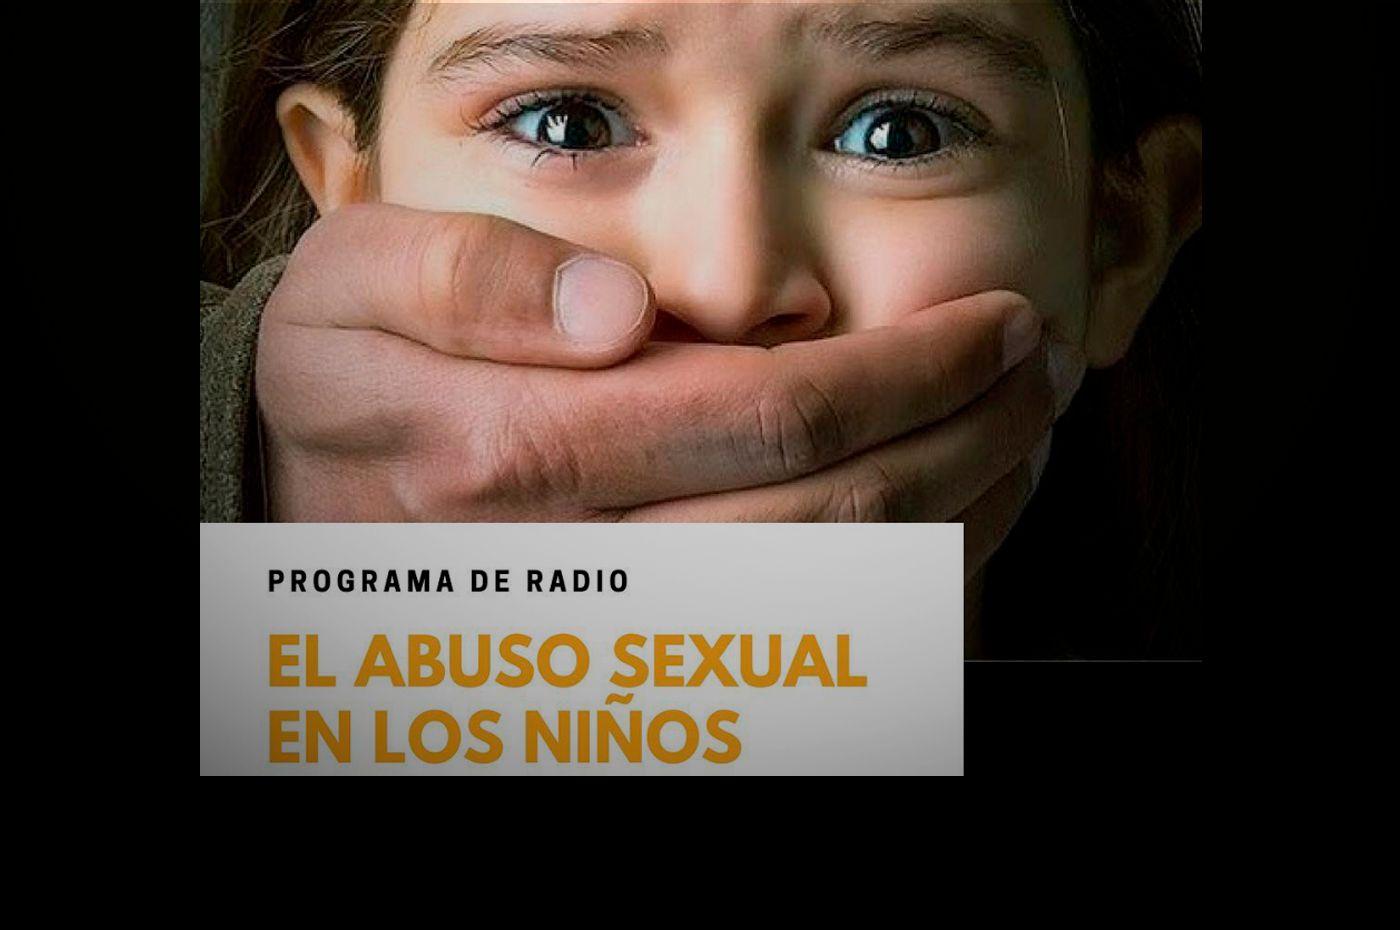 Abuso sexual en los niños